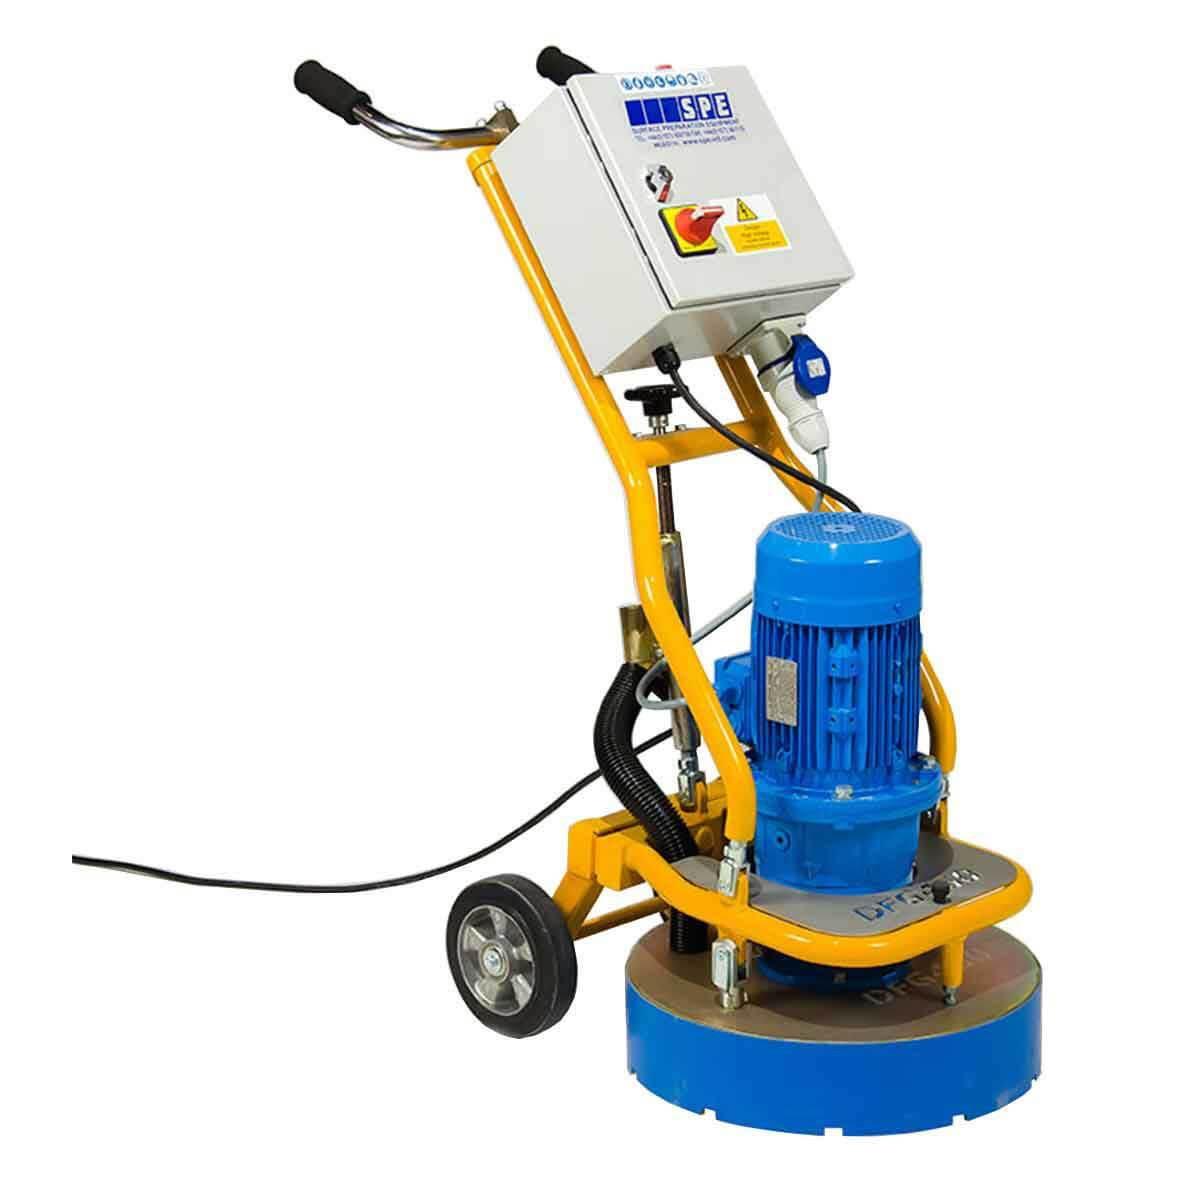 Bartell Triple Head floor grinder